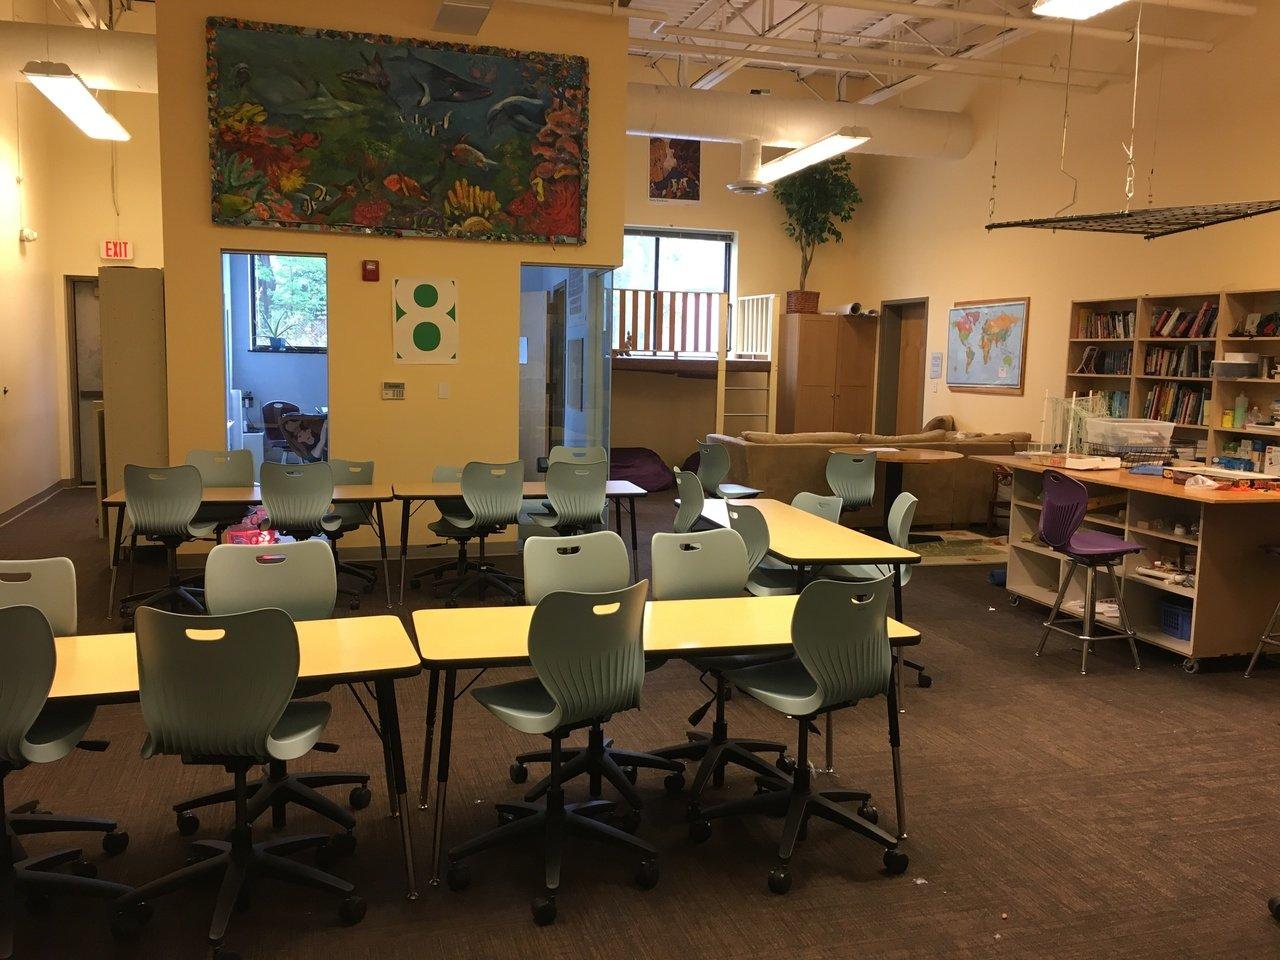 Acera School. Na imagem, vemos uma sala de aula com mesas grandes e dispostas em formato de U.